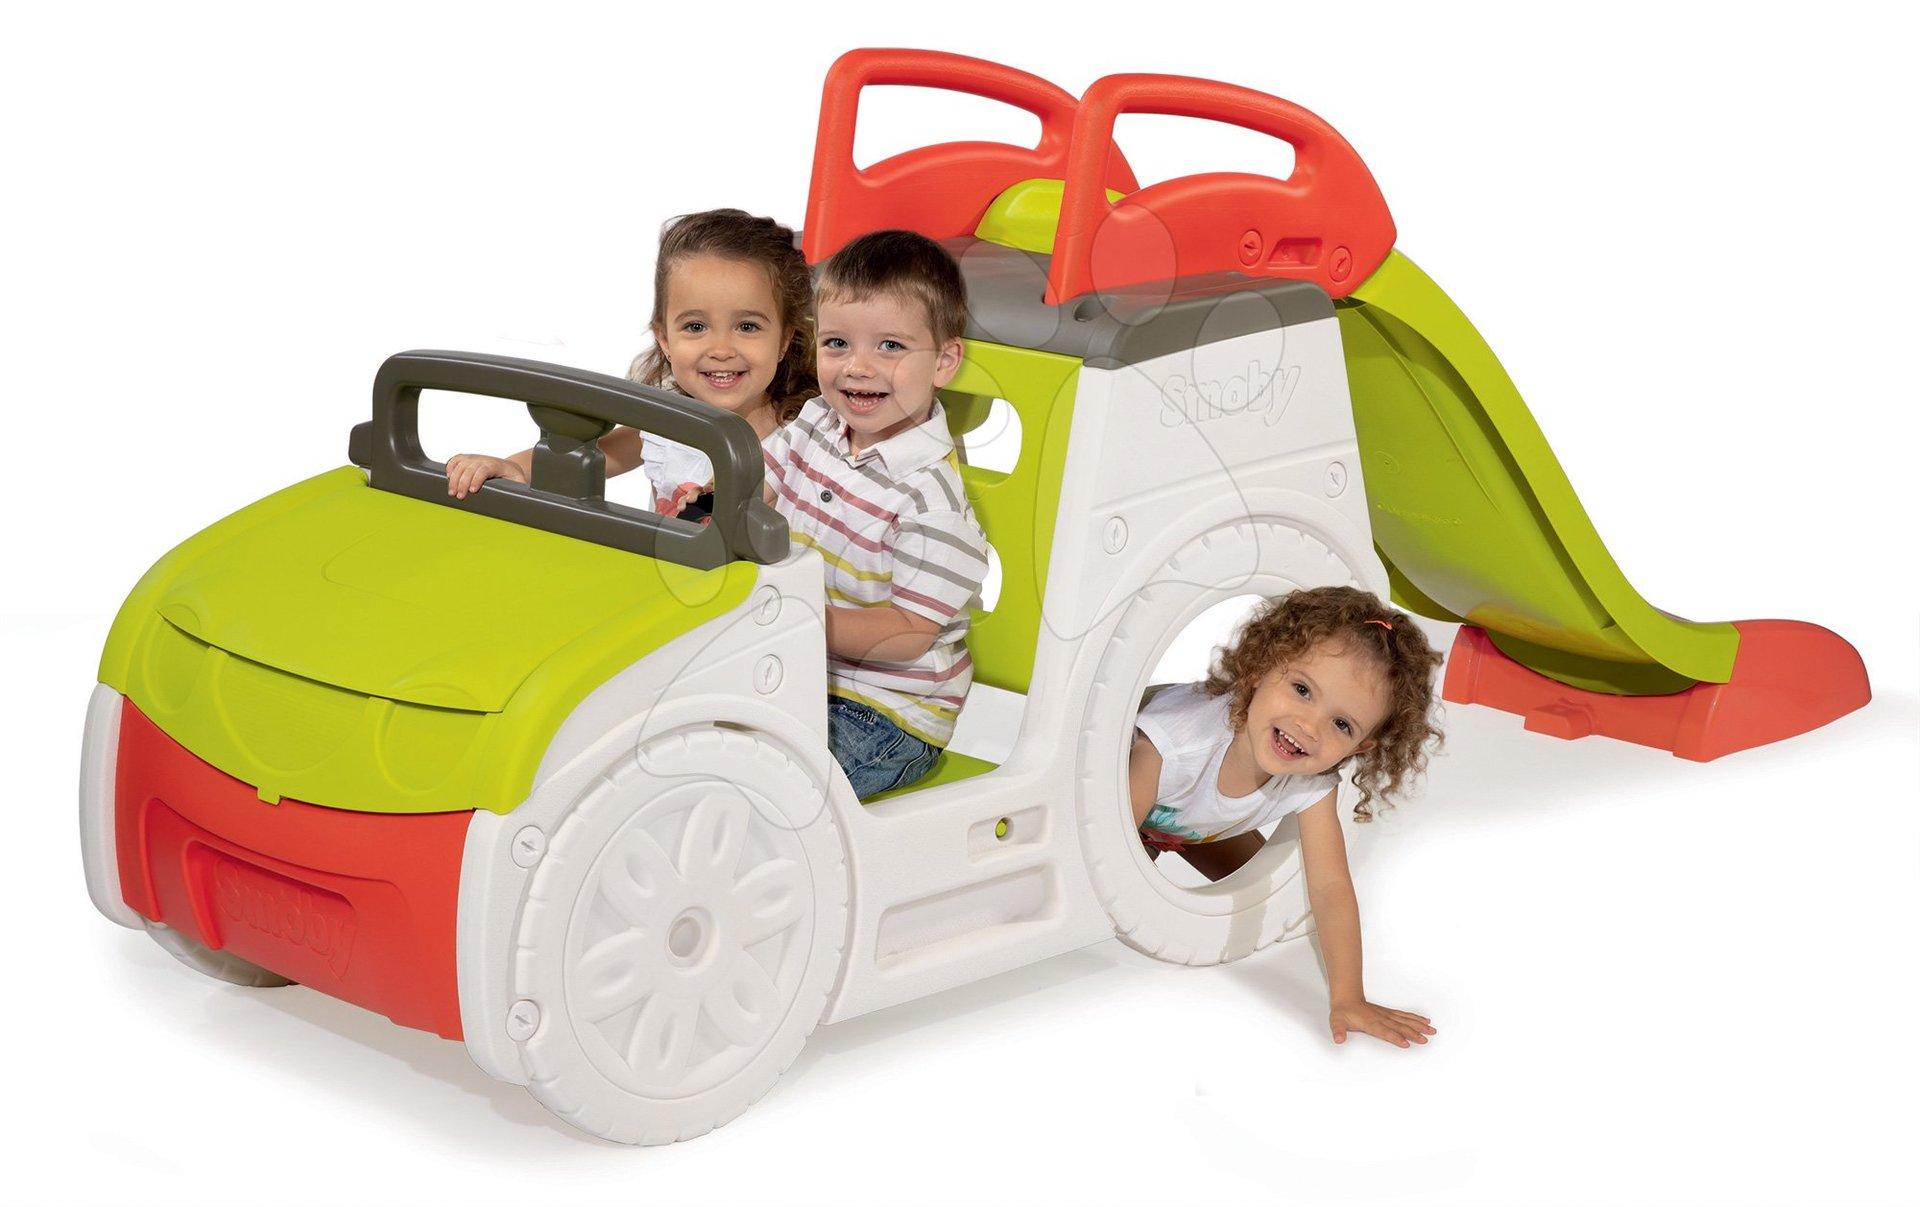 Prolézačka auto Adventure Car Smoby se zvukem, pískovištěm a 150 cm skluzavkou s UV filtrem od 18 měsíců